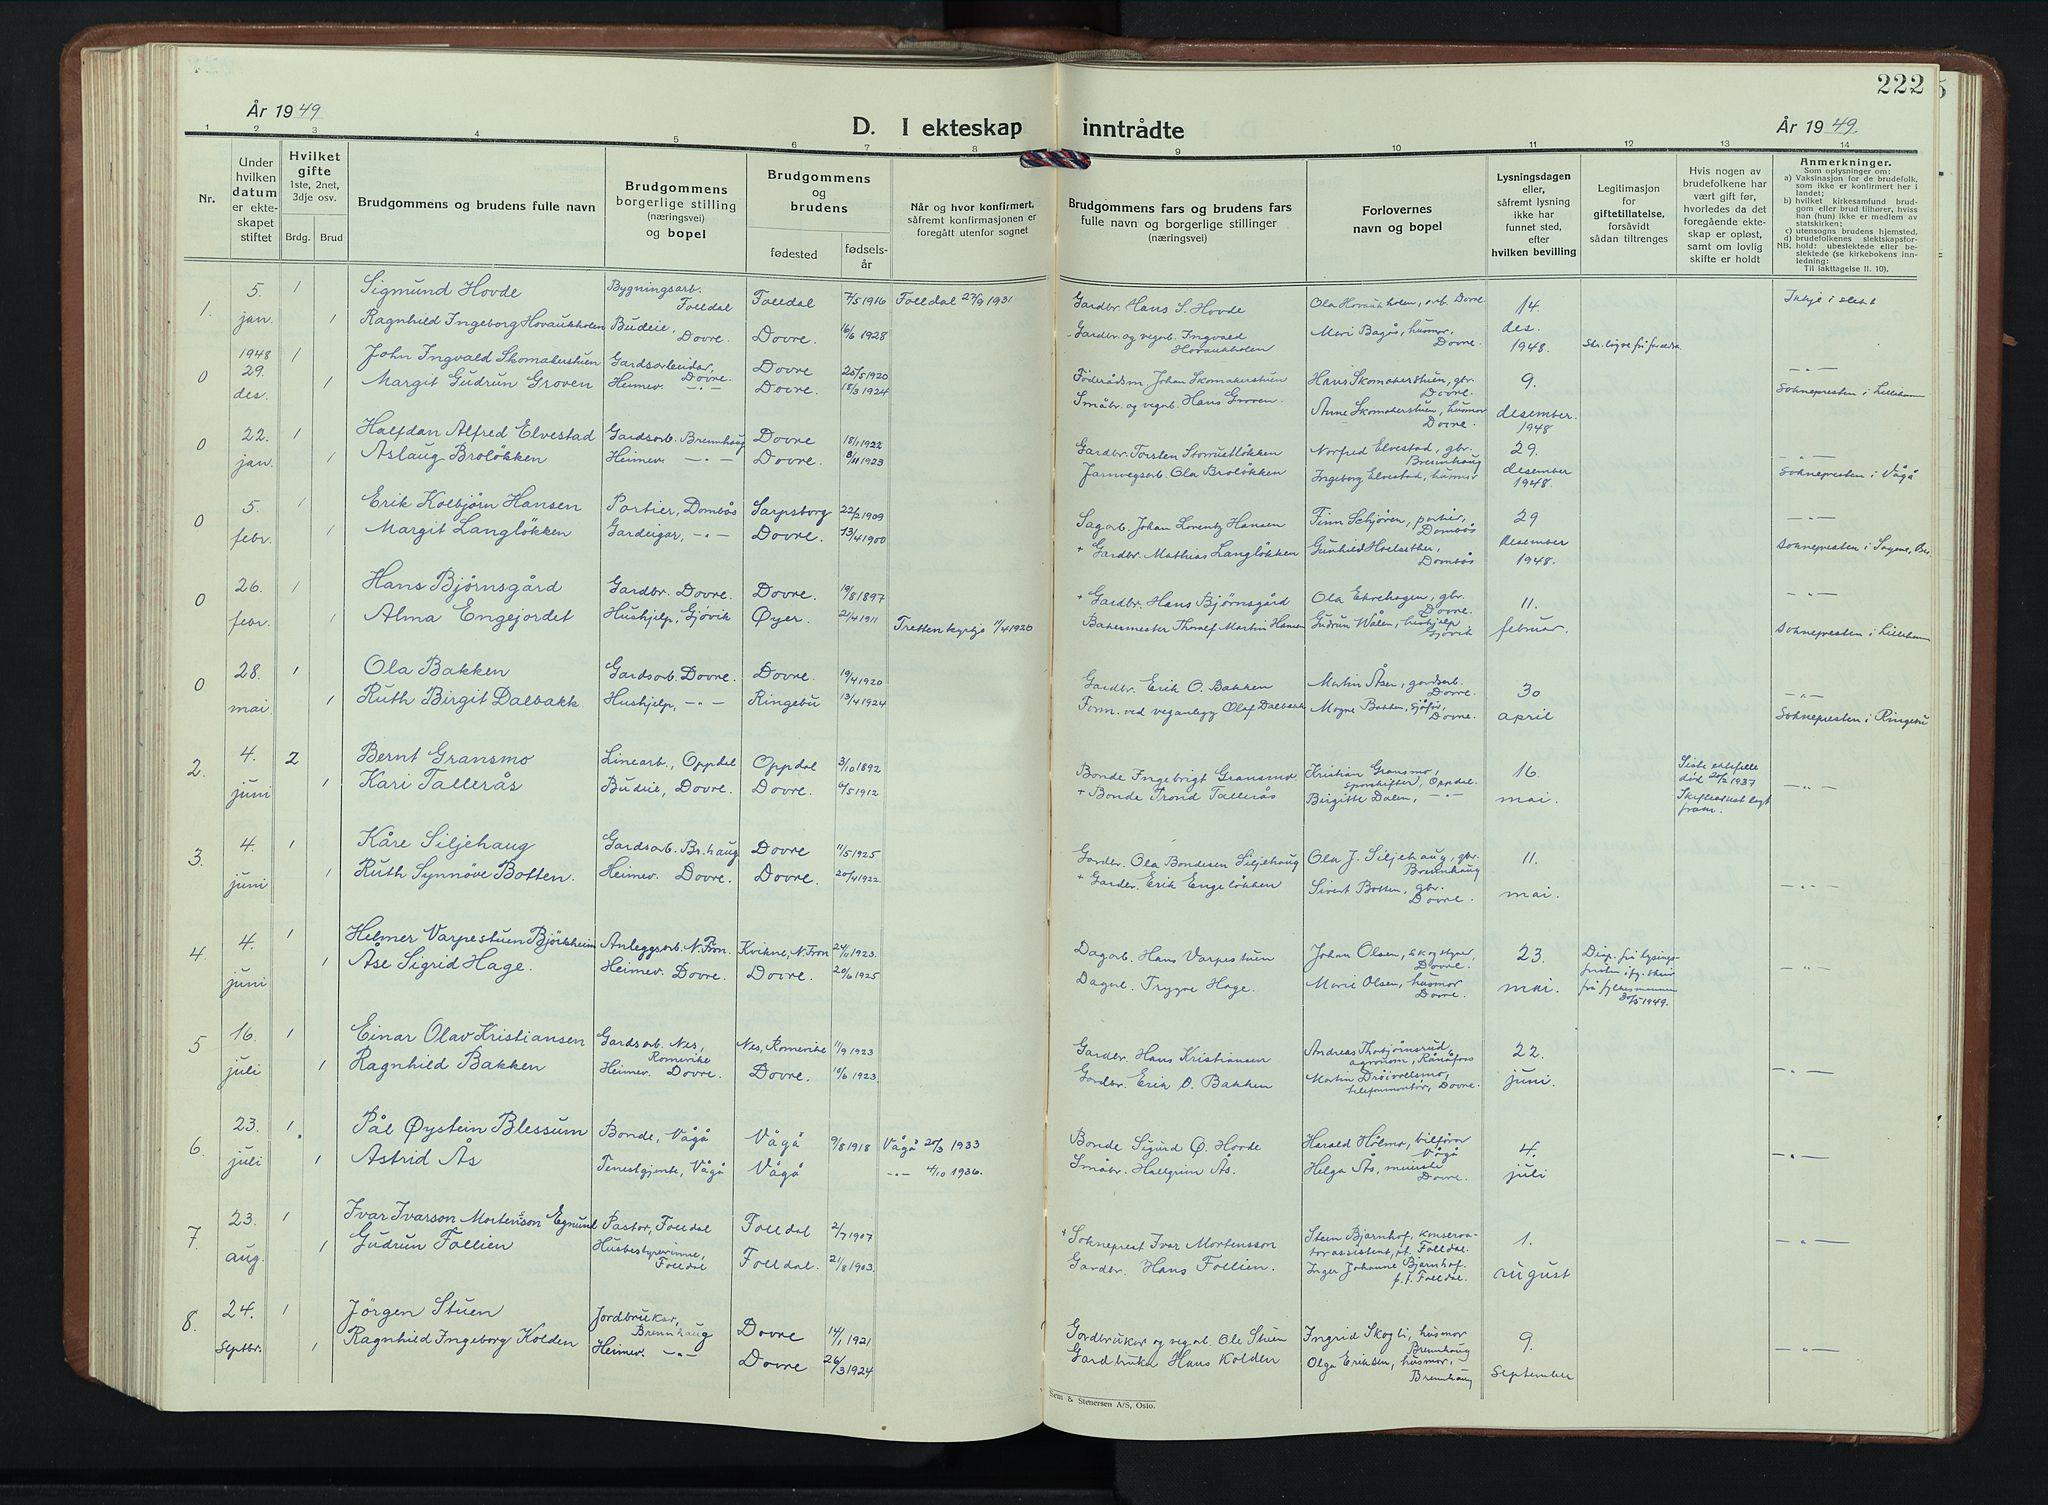 SAH, Dovre prestekontor, Klokkerbok nr. 4, 1926-1949, s. 222